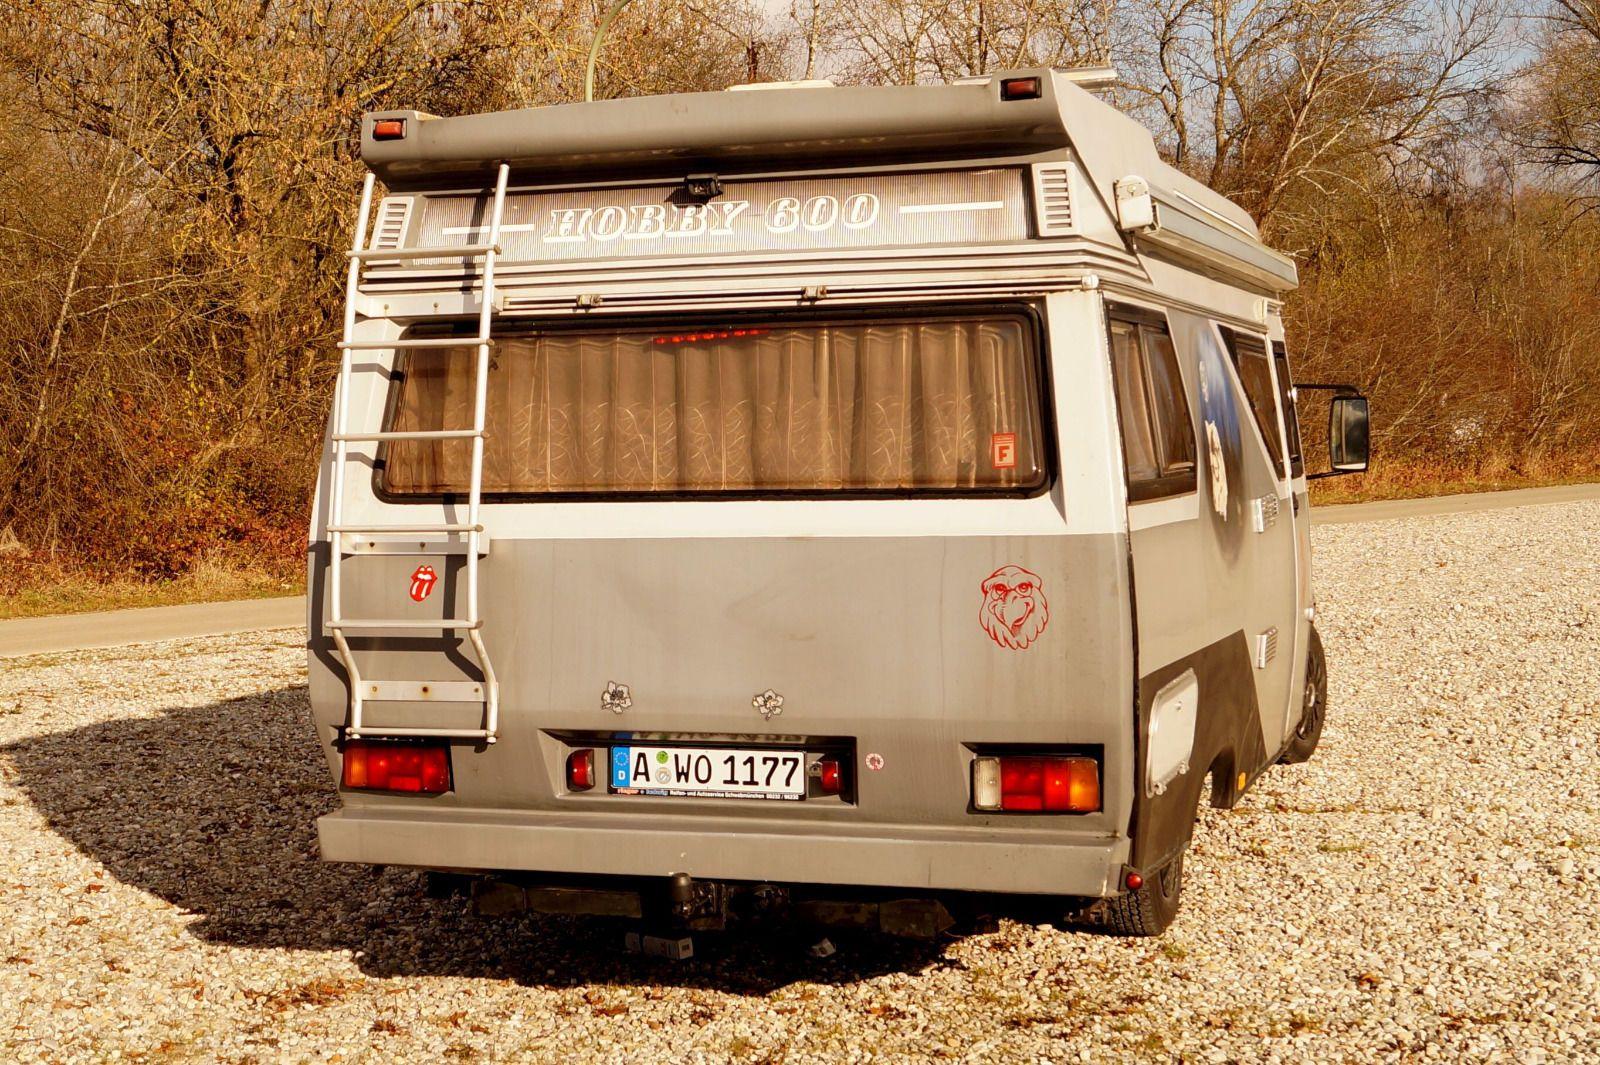 Wohnmobil Fiat Hobby 10  eBay  Wohnmobil, Ebay, Hobbys